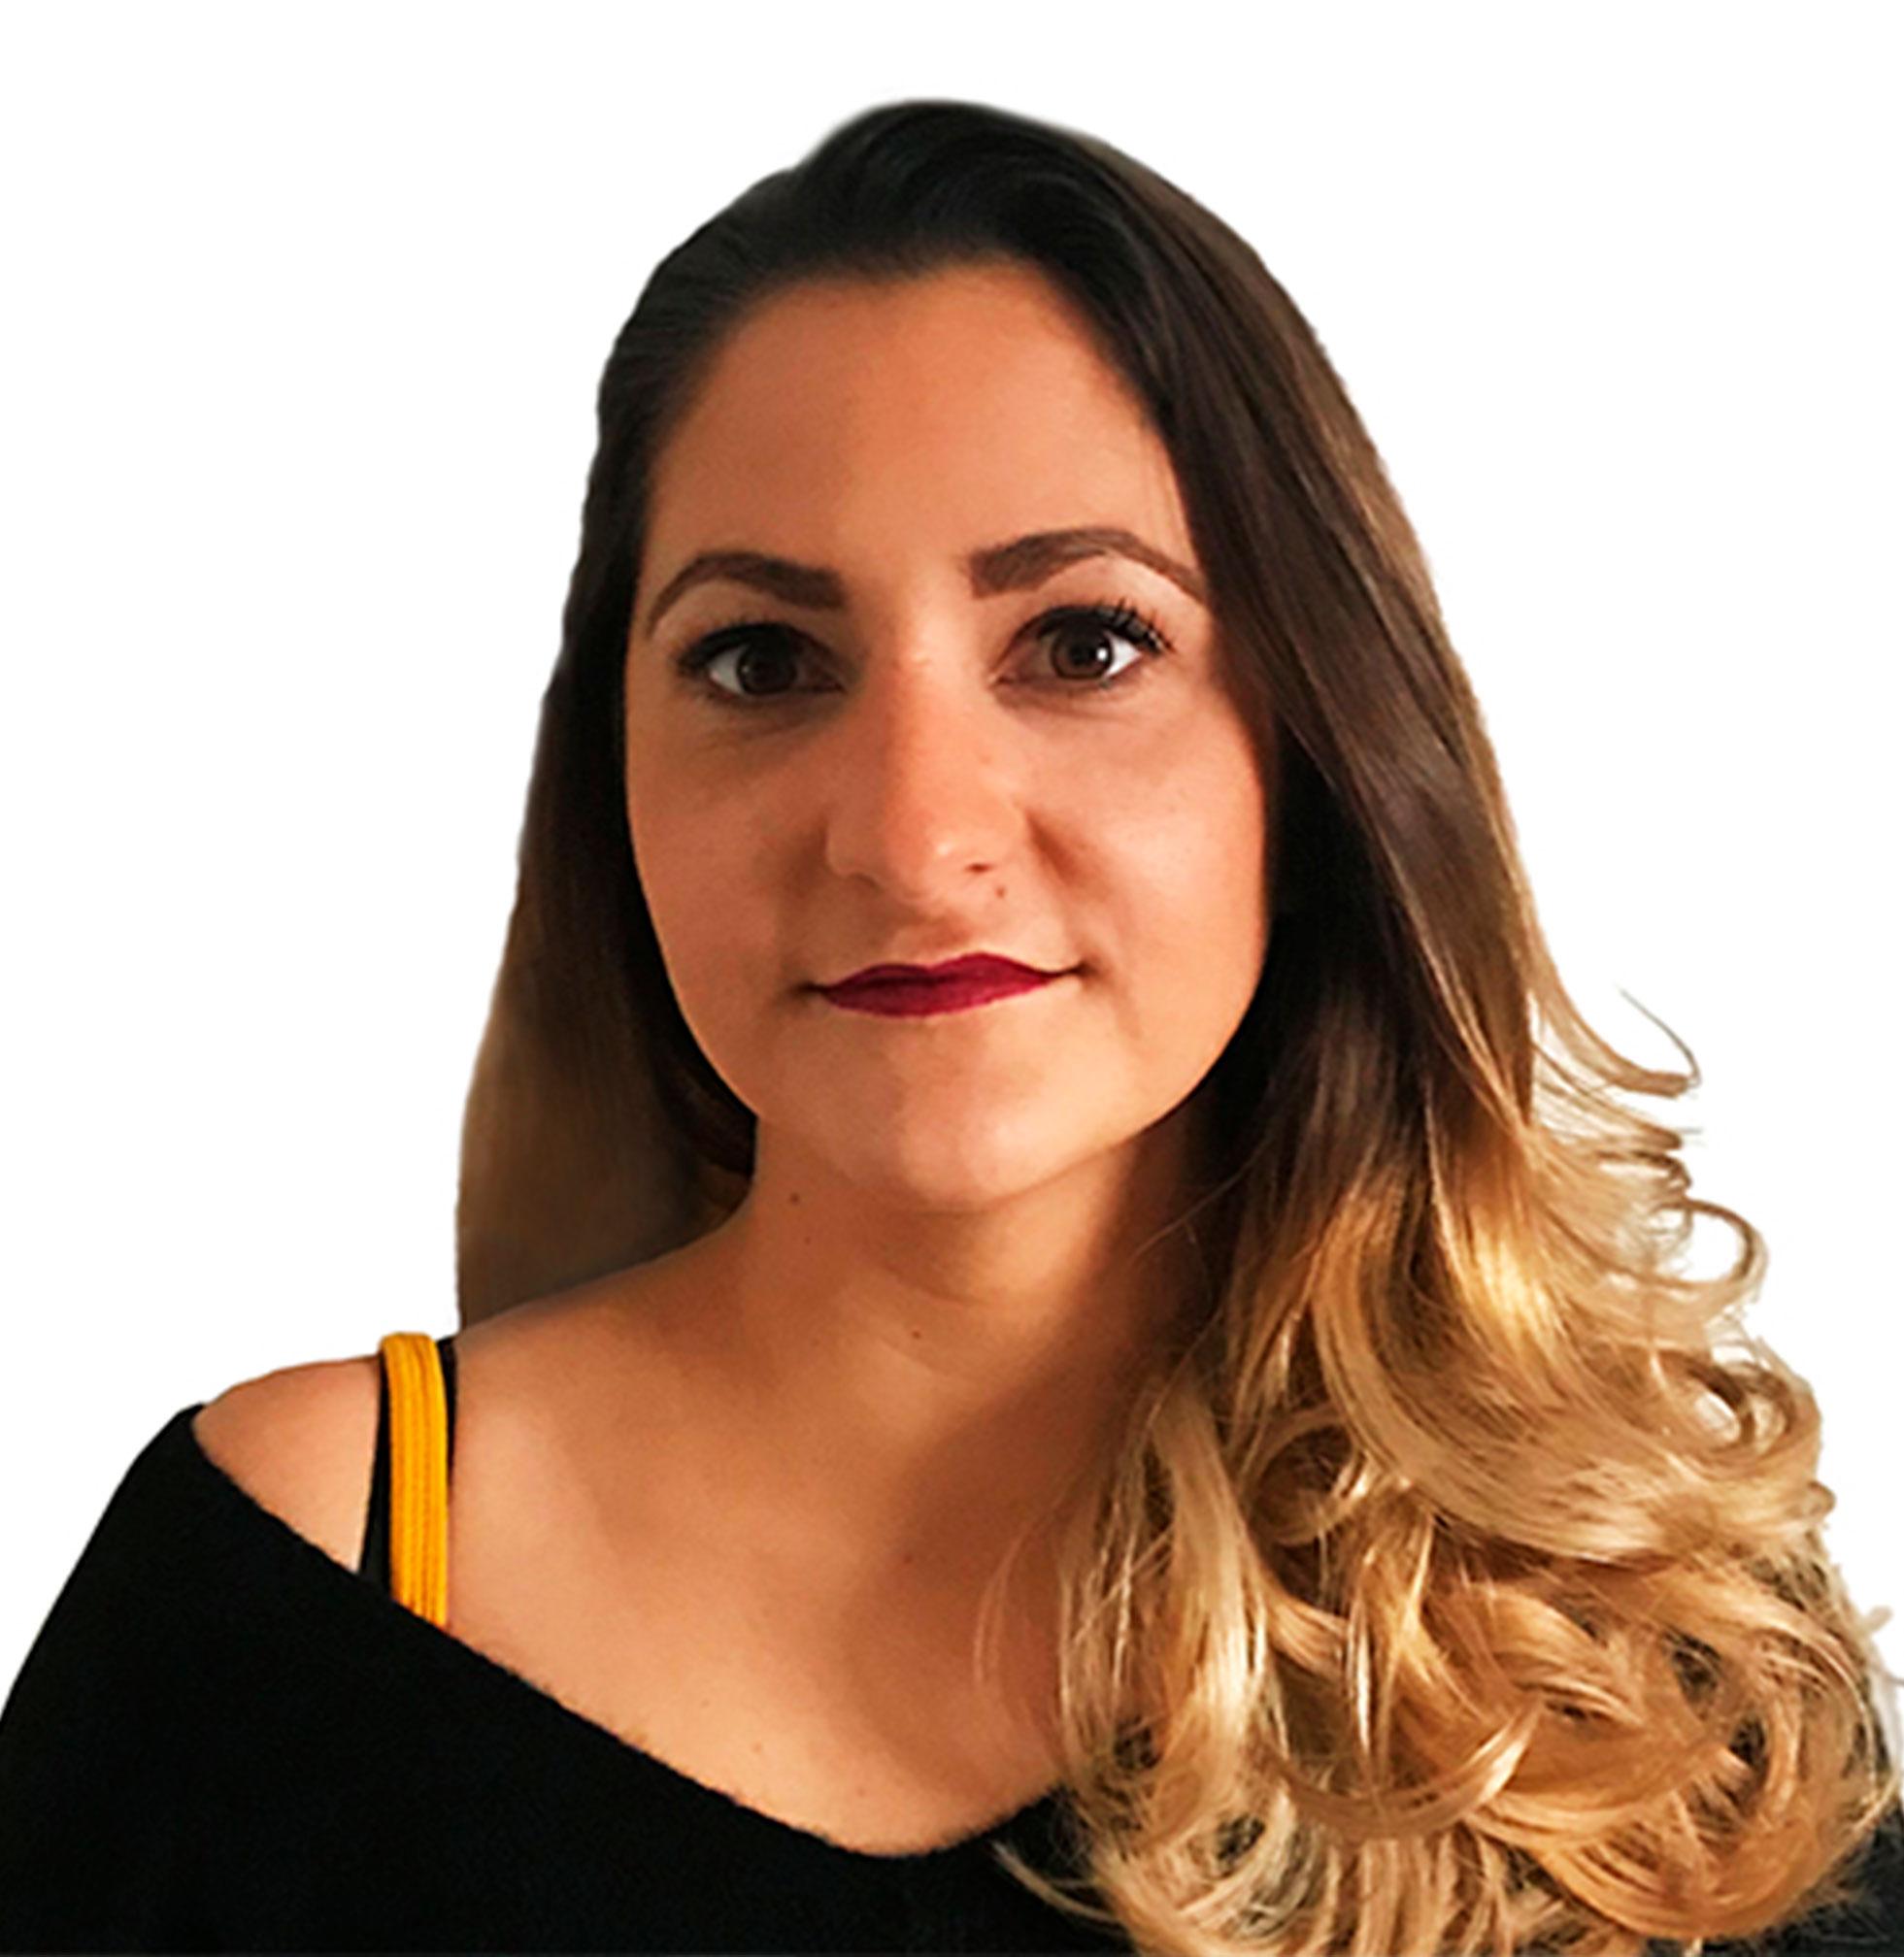 Jennifer Lasseron